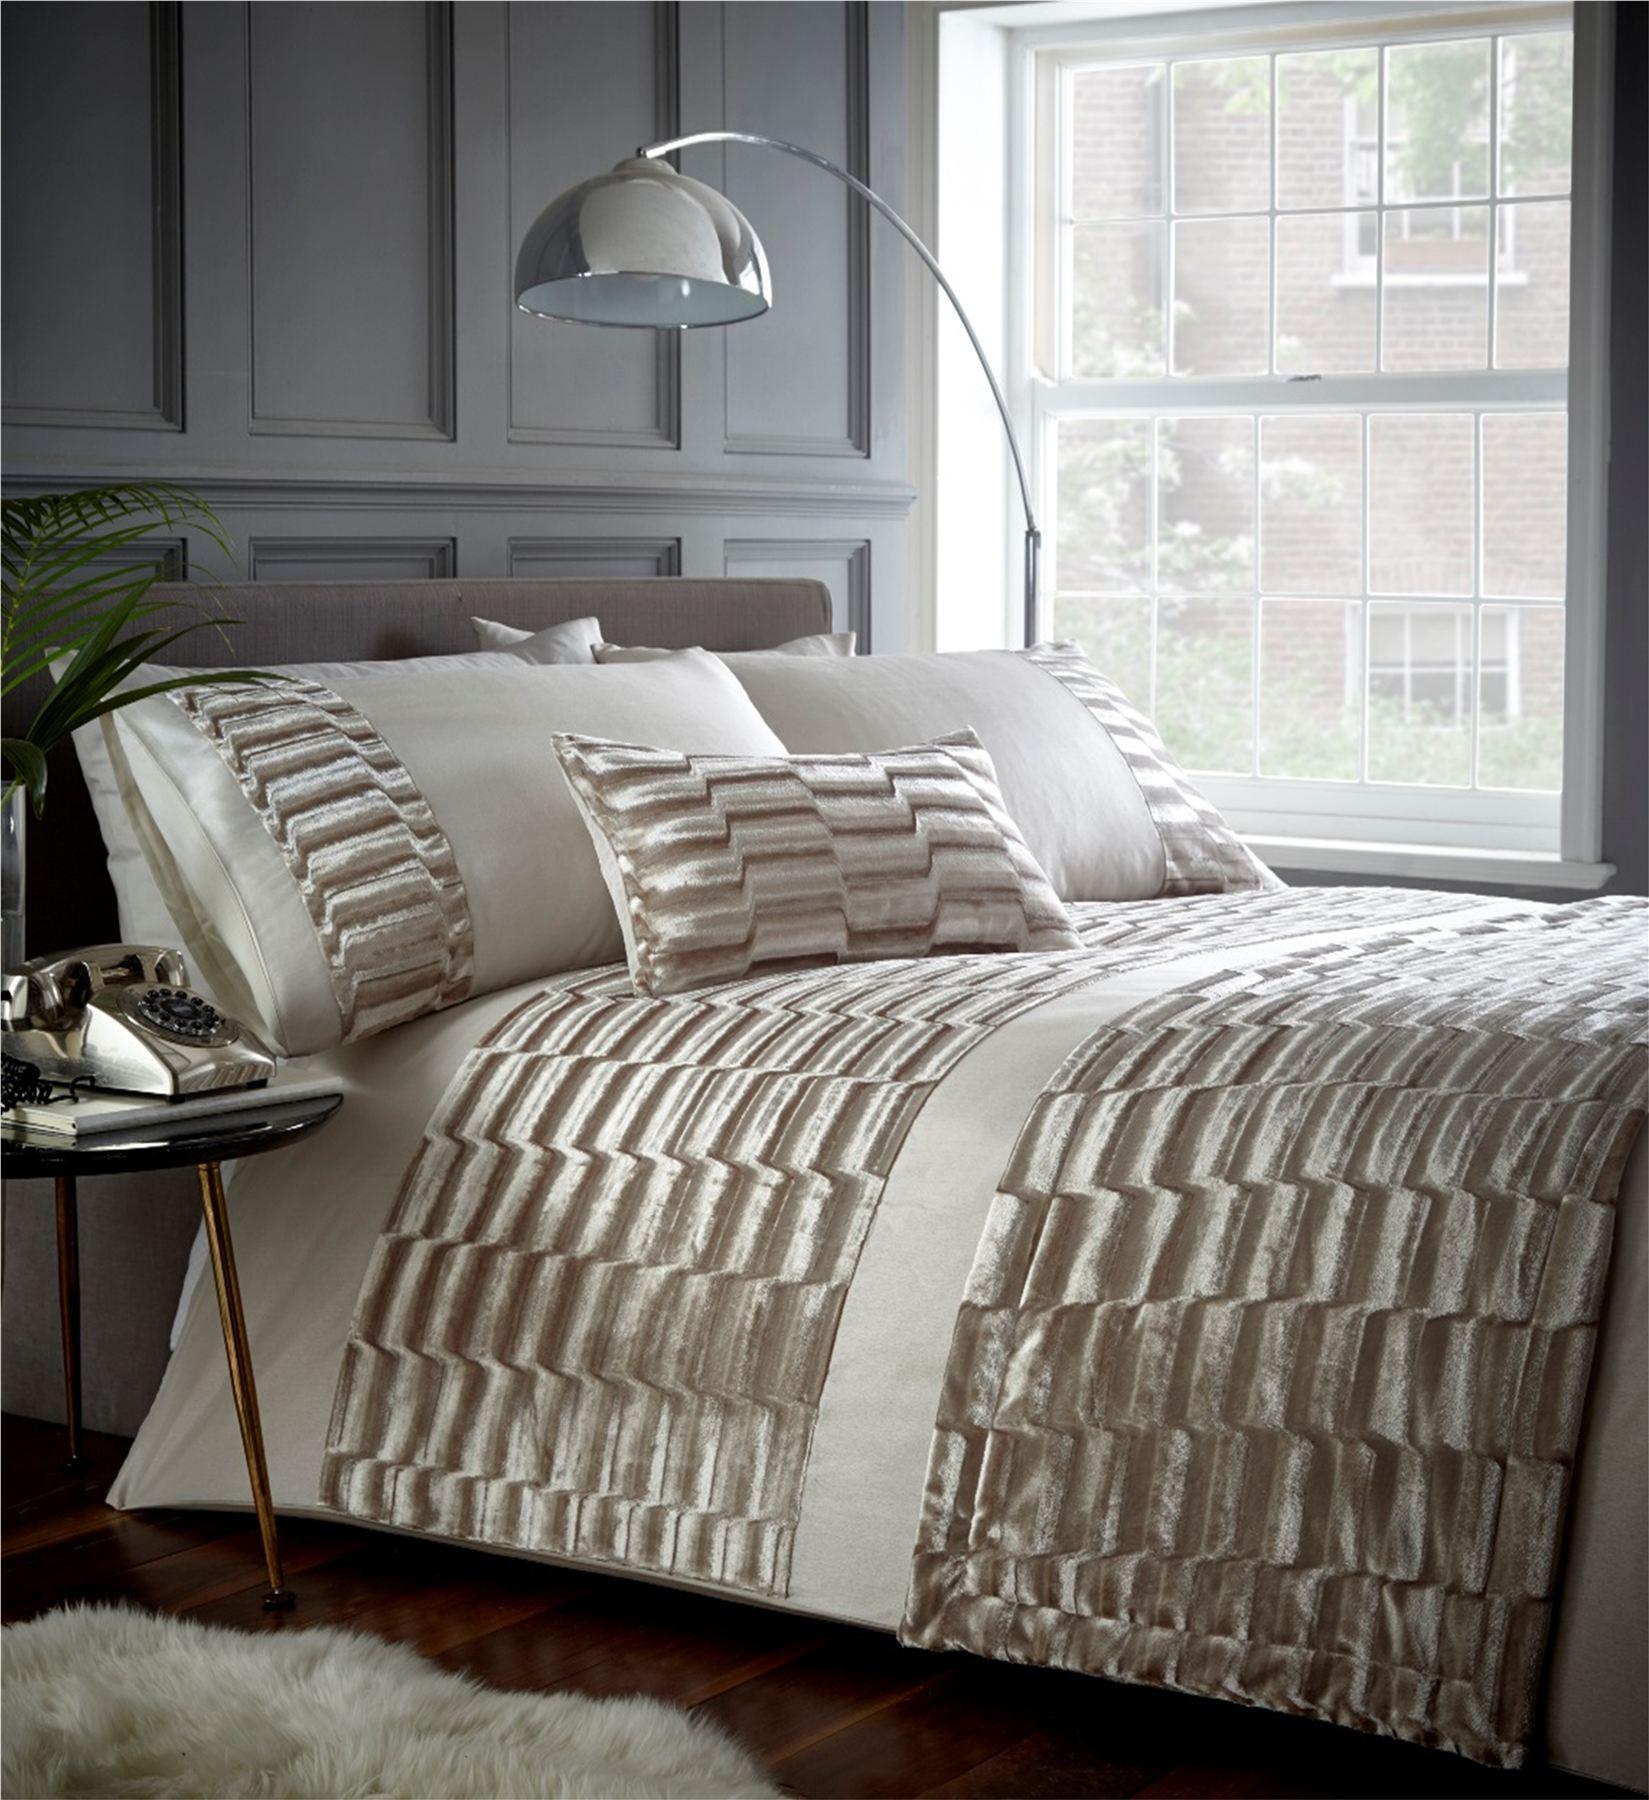 hu tre cr me velours housse de couette literie ensemble lit ou coussin ou tapis ebay. Black Bedroom Furniture Sets. Home Design Ideas